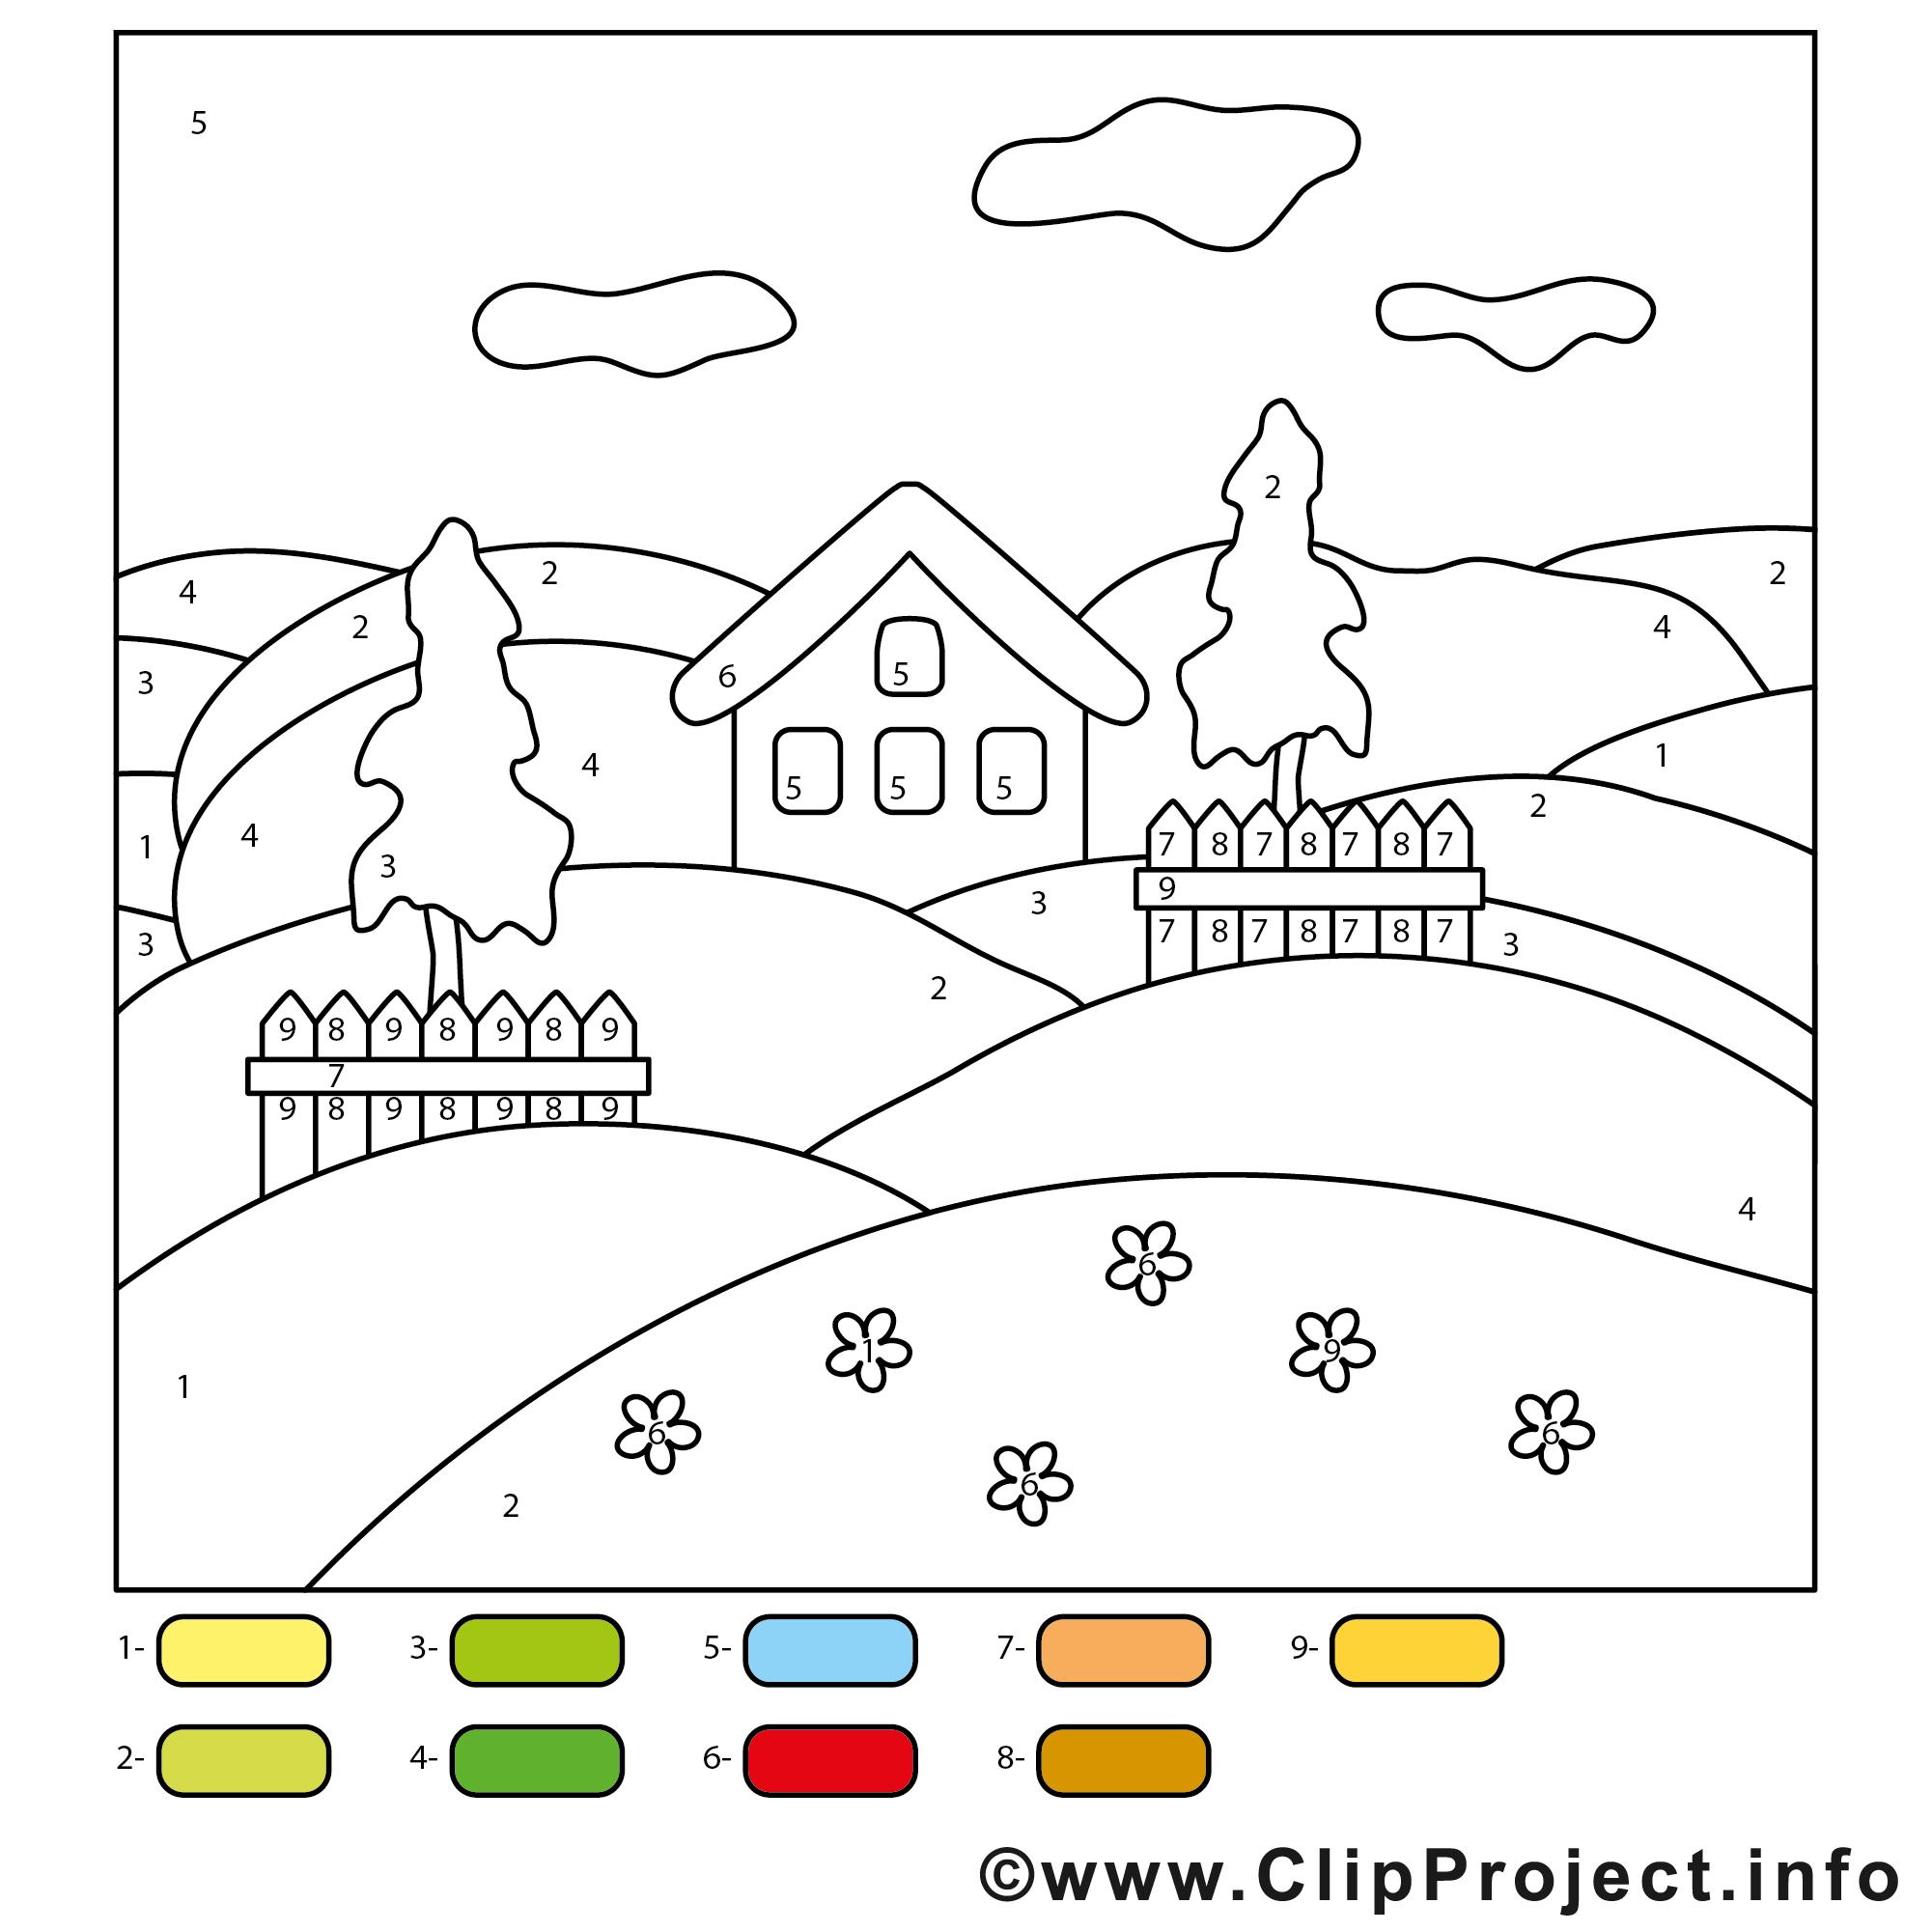 Peinture A Numeros A Imprimer Image Gratuite Magiques Coloriages Dessin Picture Image Graphic Clip Art Telecharger Gratuit